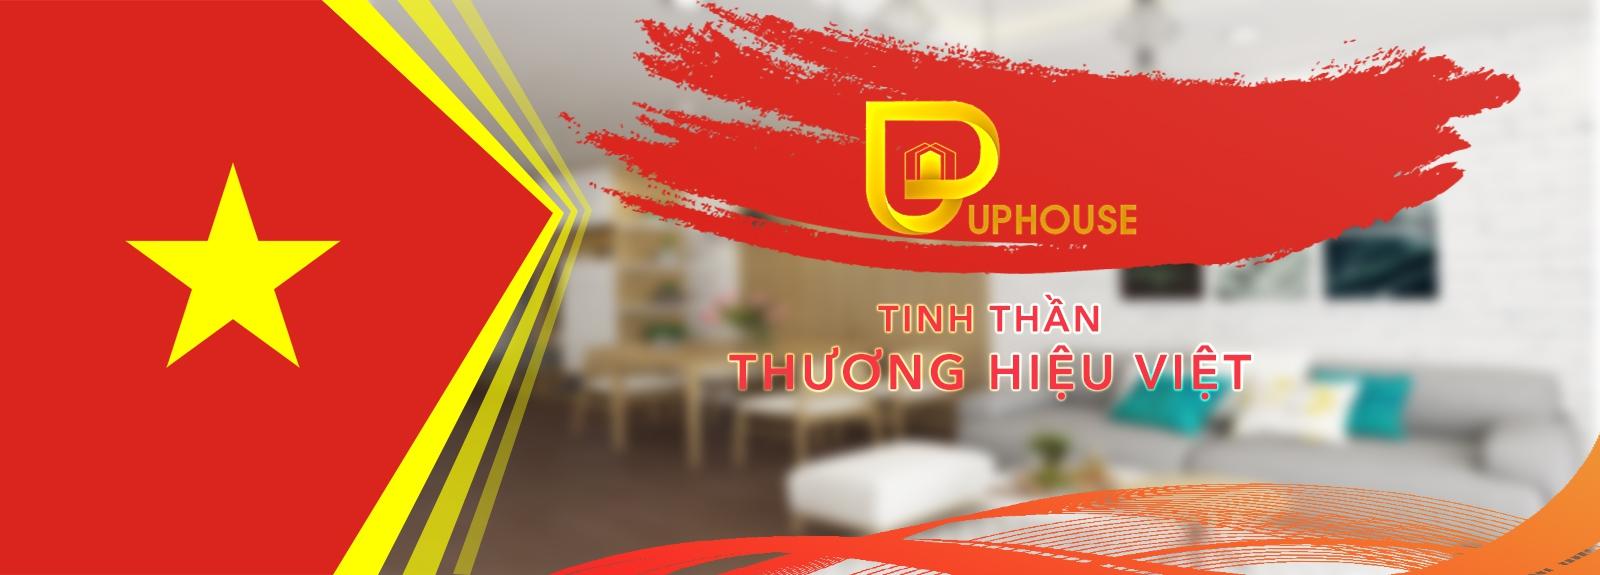 UpHouse tự hào là một thương hiệu Việt, đem lại những giá trị cốt lõi cho người dùng Việt Nam